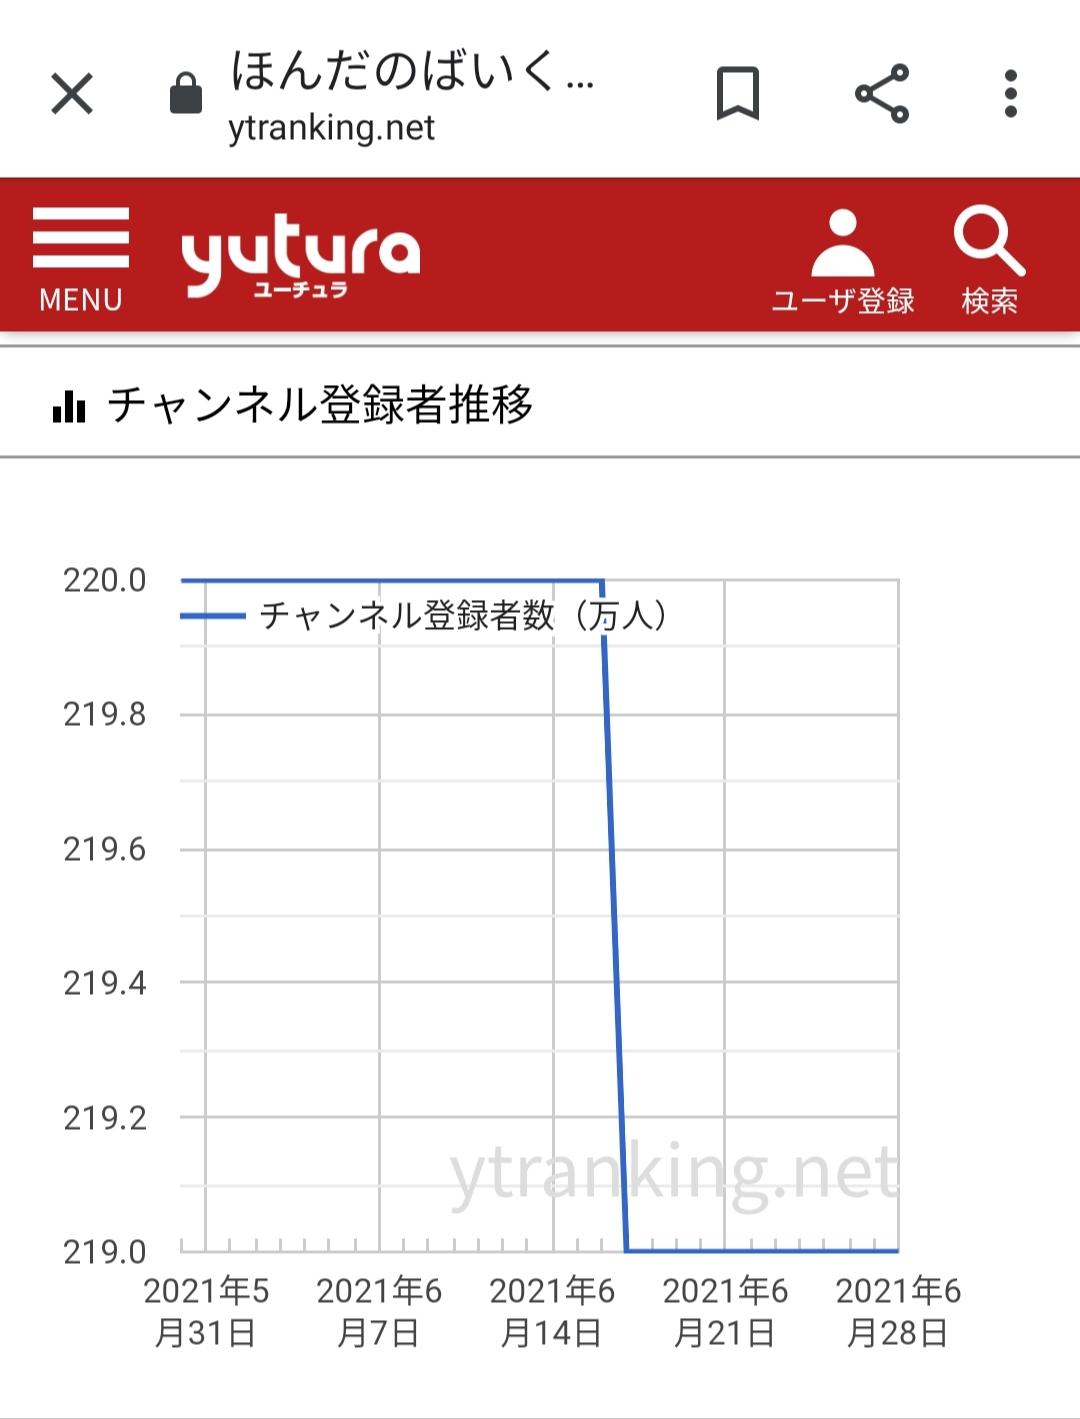 【悲報】本田翼のYouTubeチャンネル、登録者解除が相次ぐ